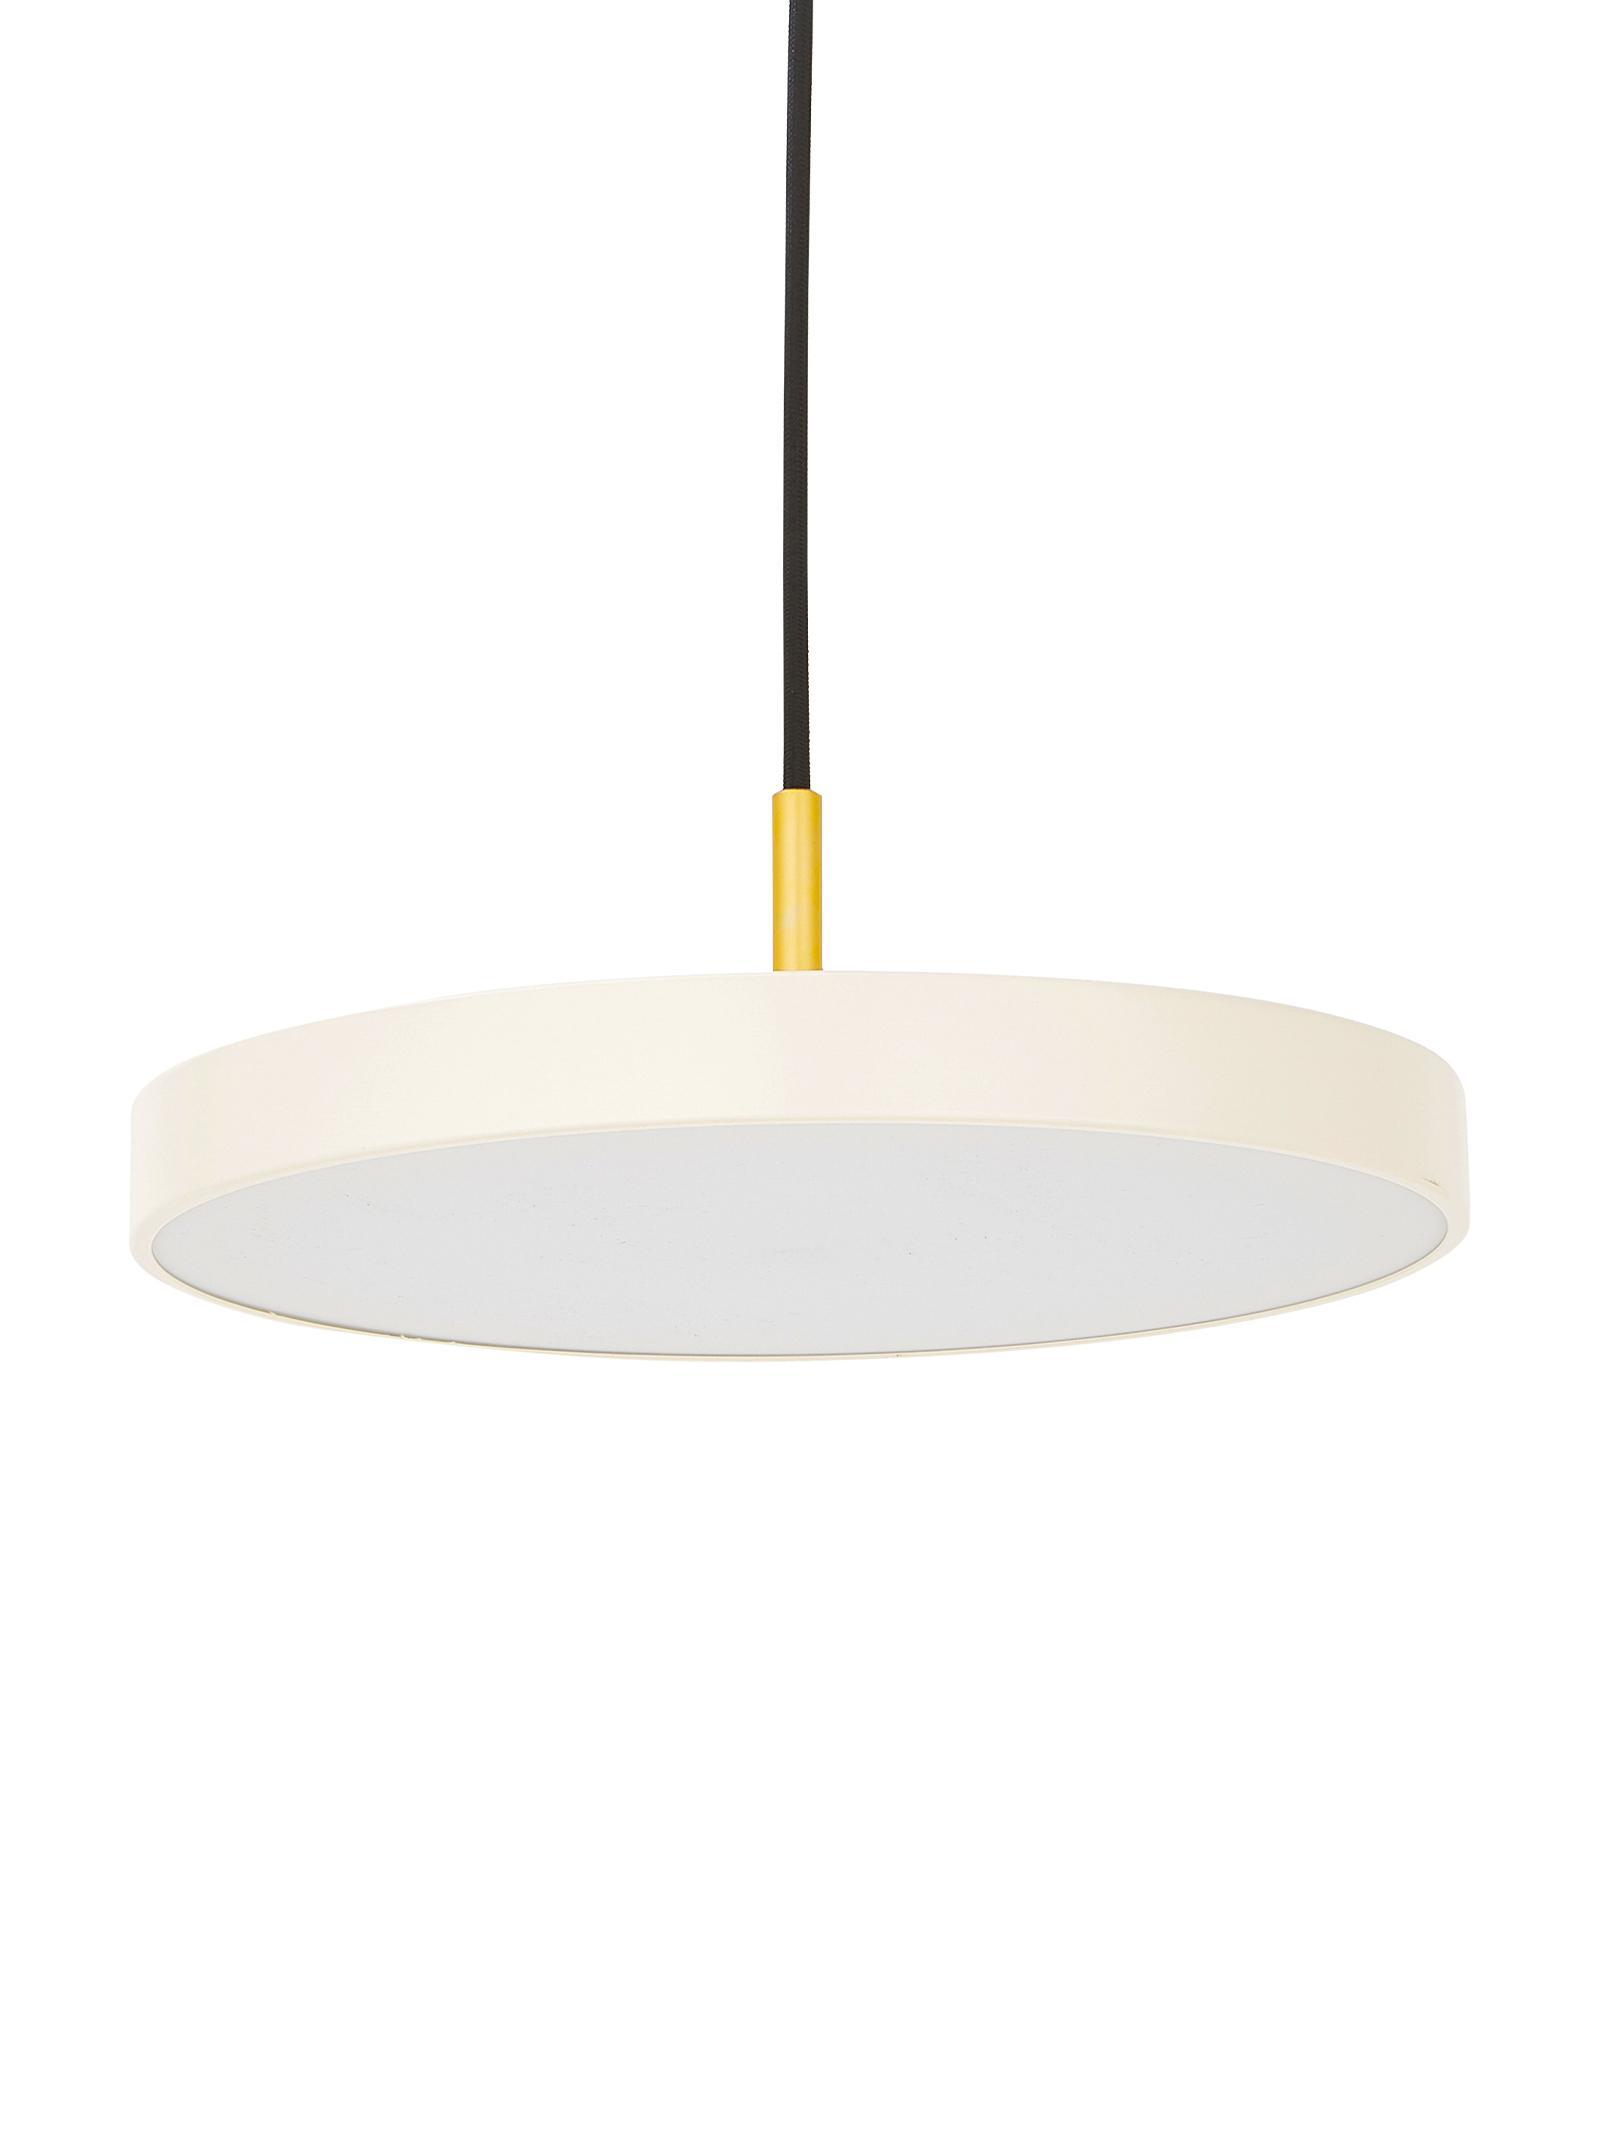 Lampada a sospensione a LED di design Asteria, Paralume: alluminio verniciato, Bianco perlato, colore oro, Ø 31 x Alt. 14 cm